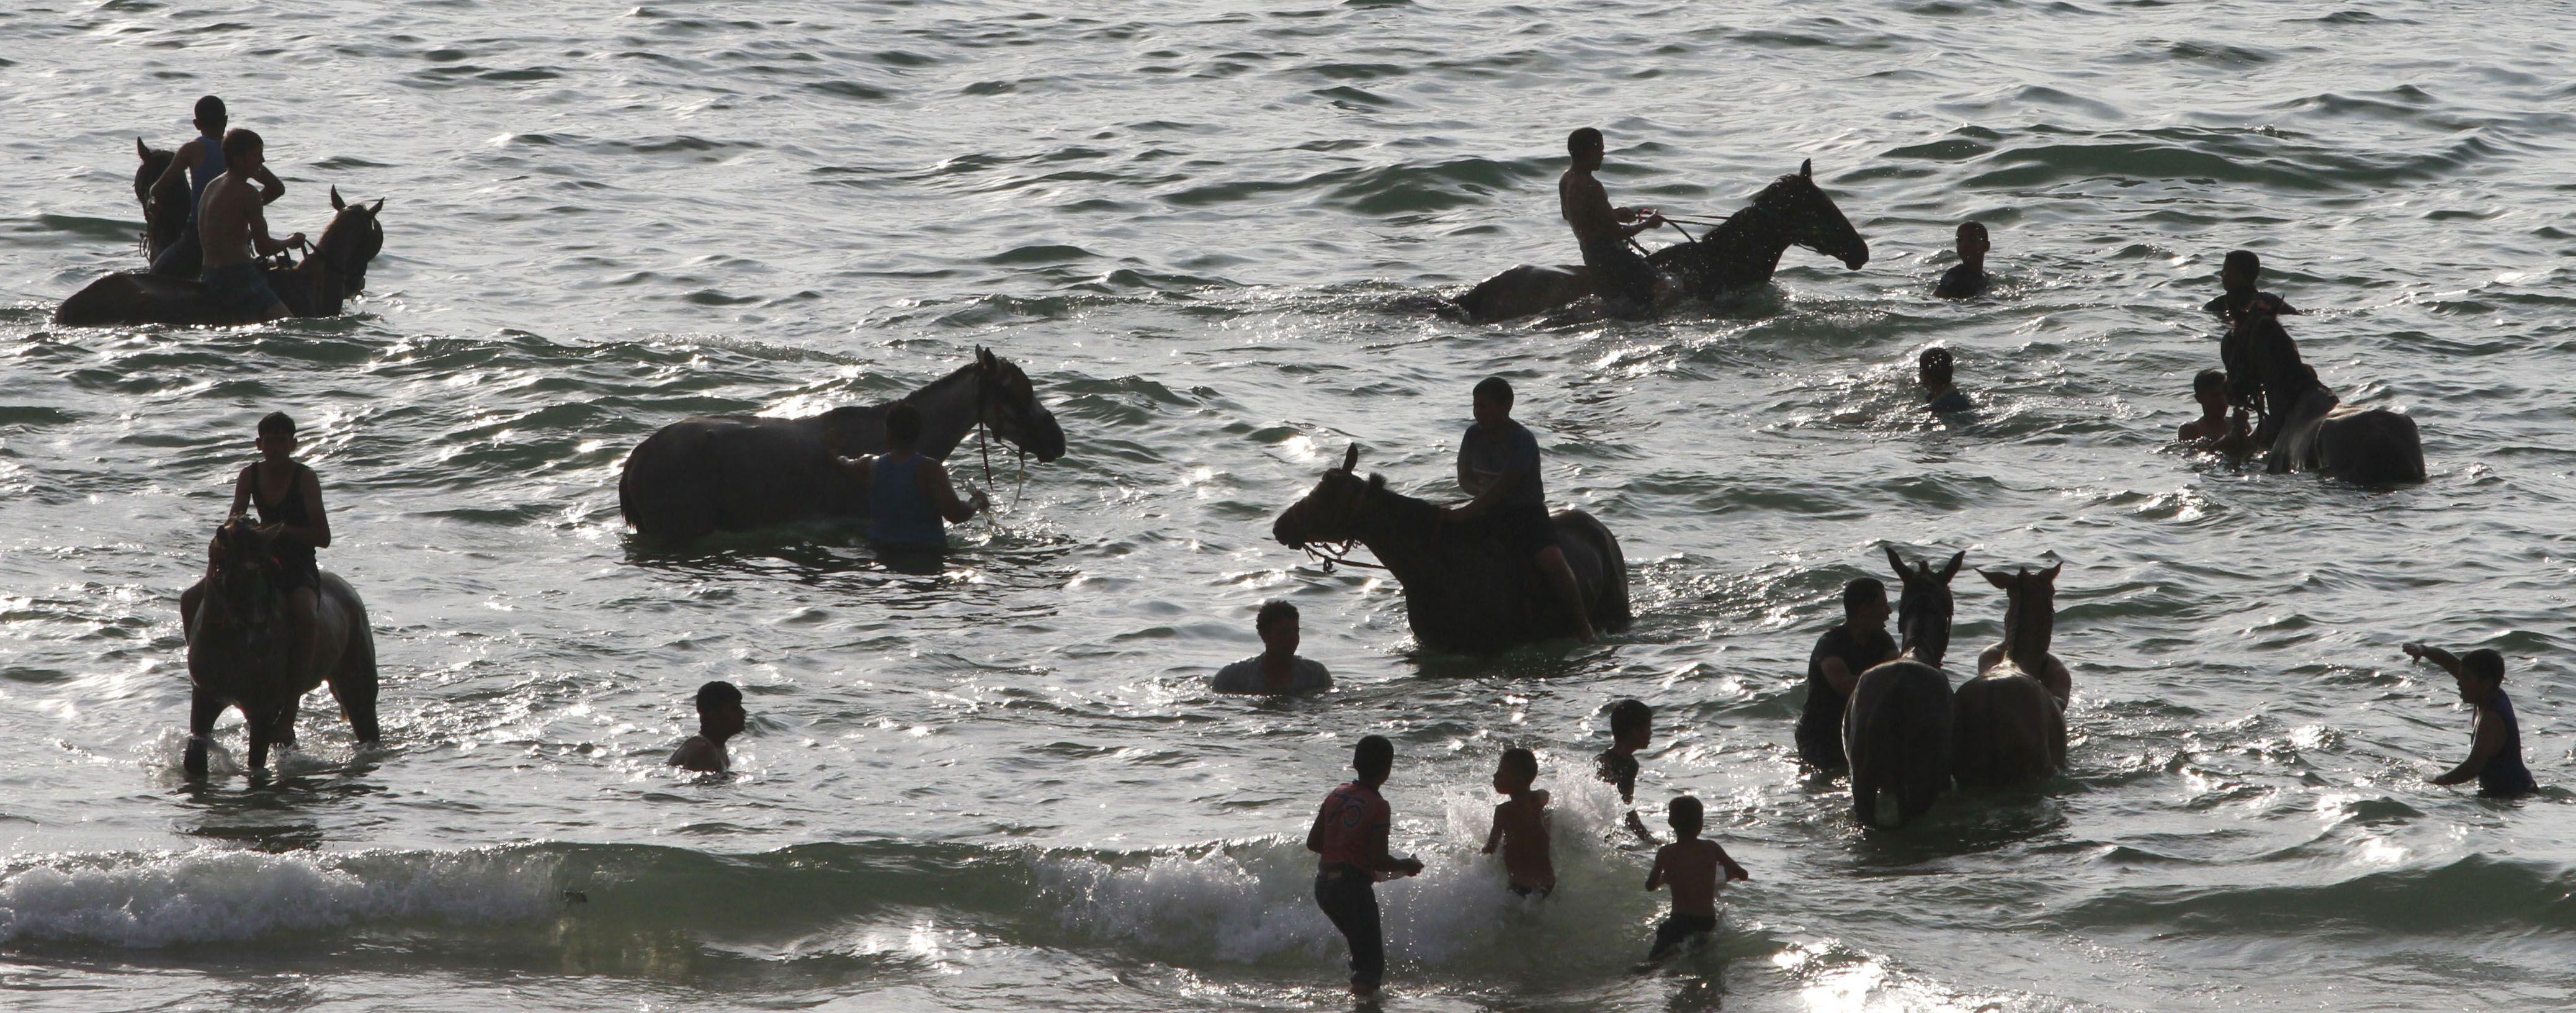 Palestinos montan sus caballos en las aguas del mar Mediterráneo en la Franja de Gaza (Hatem Moussa/AP)